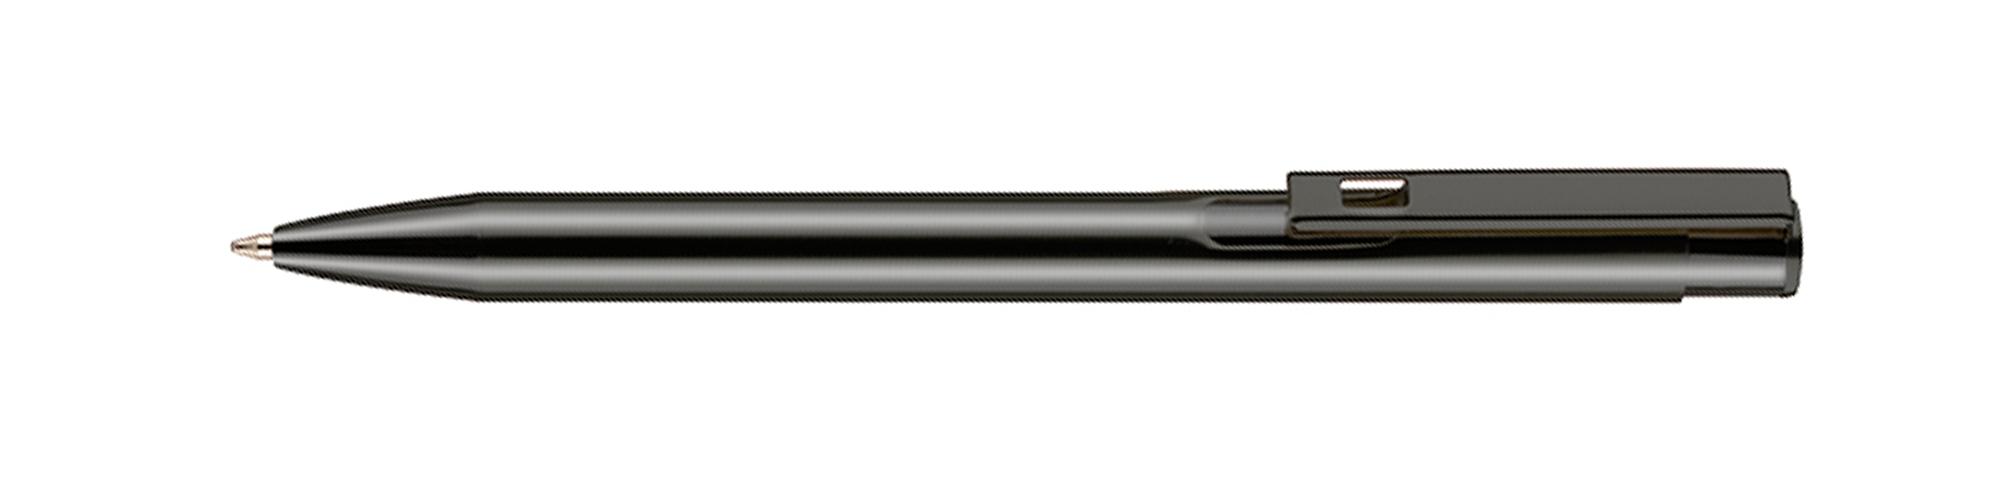 Metalowe długopisy reklamowe – 19616